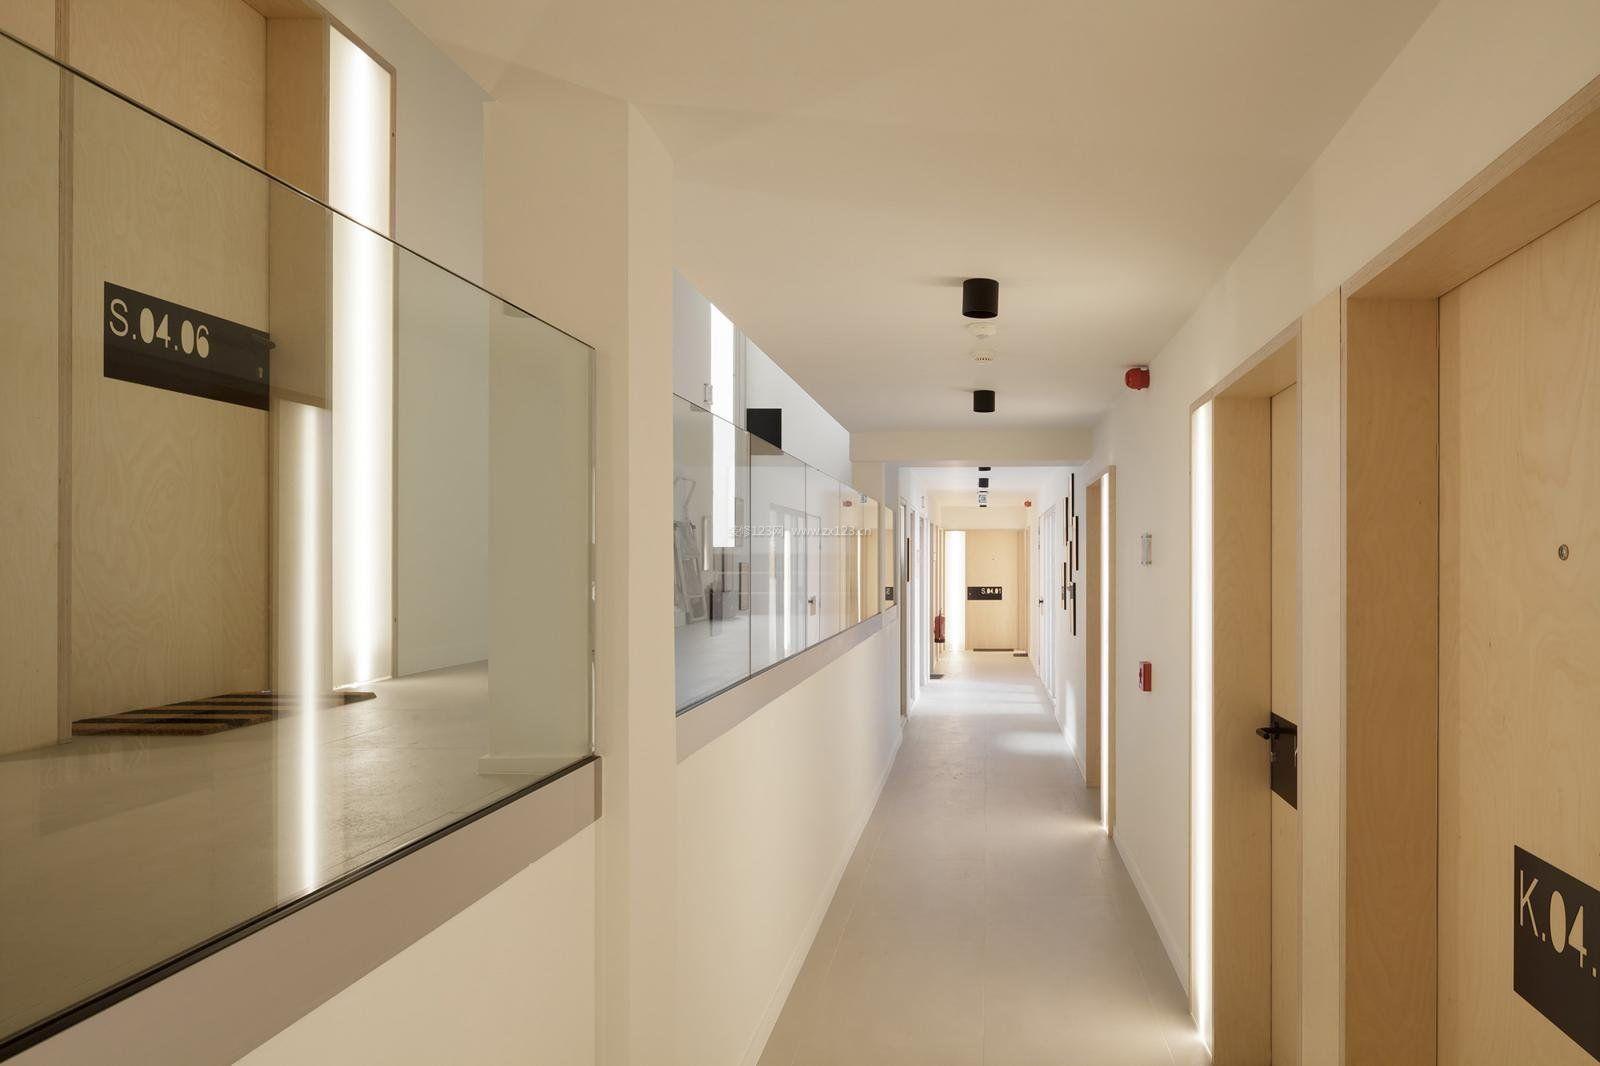 工装效果图 吊顶 医院装修之走廊过道吊顶效果图 提供者:   ←